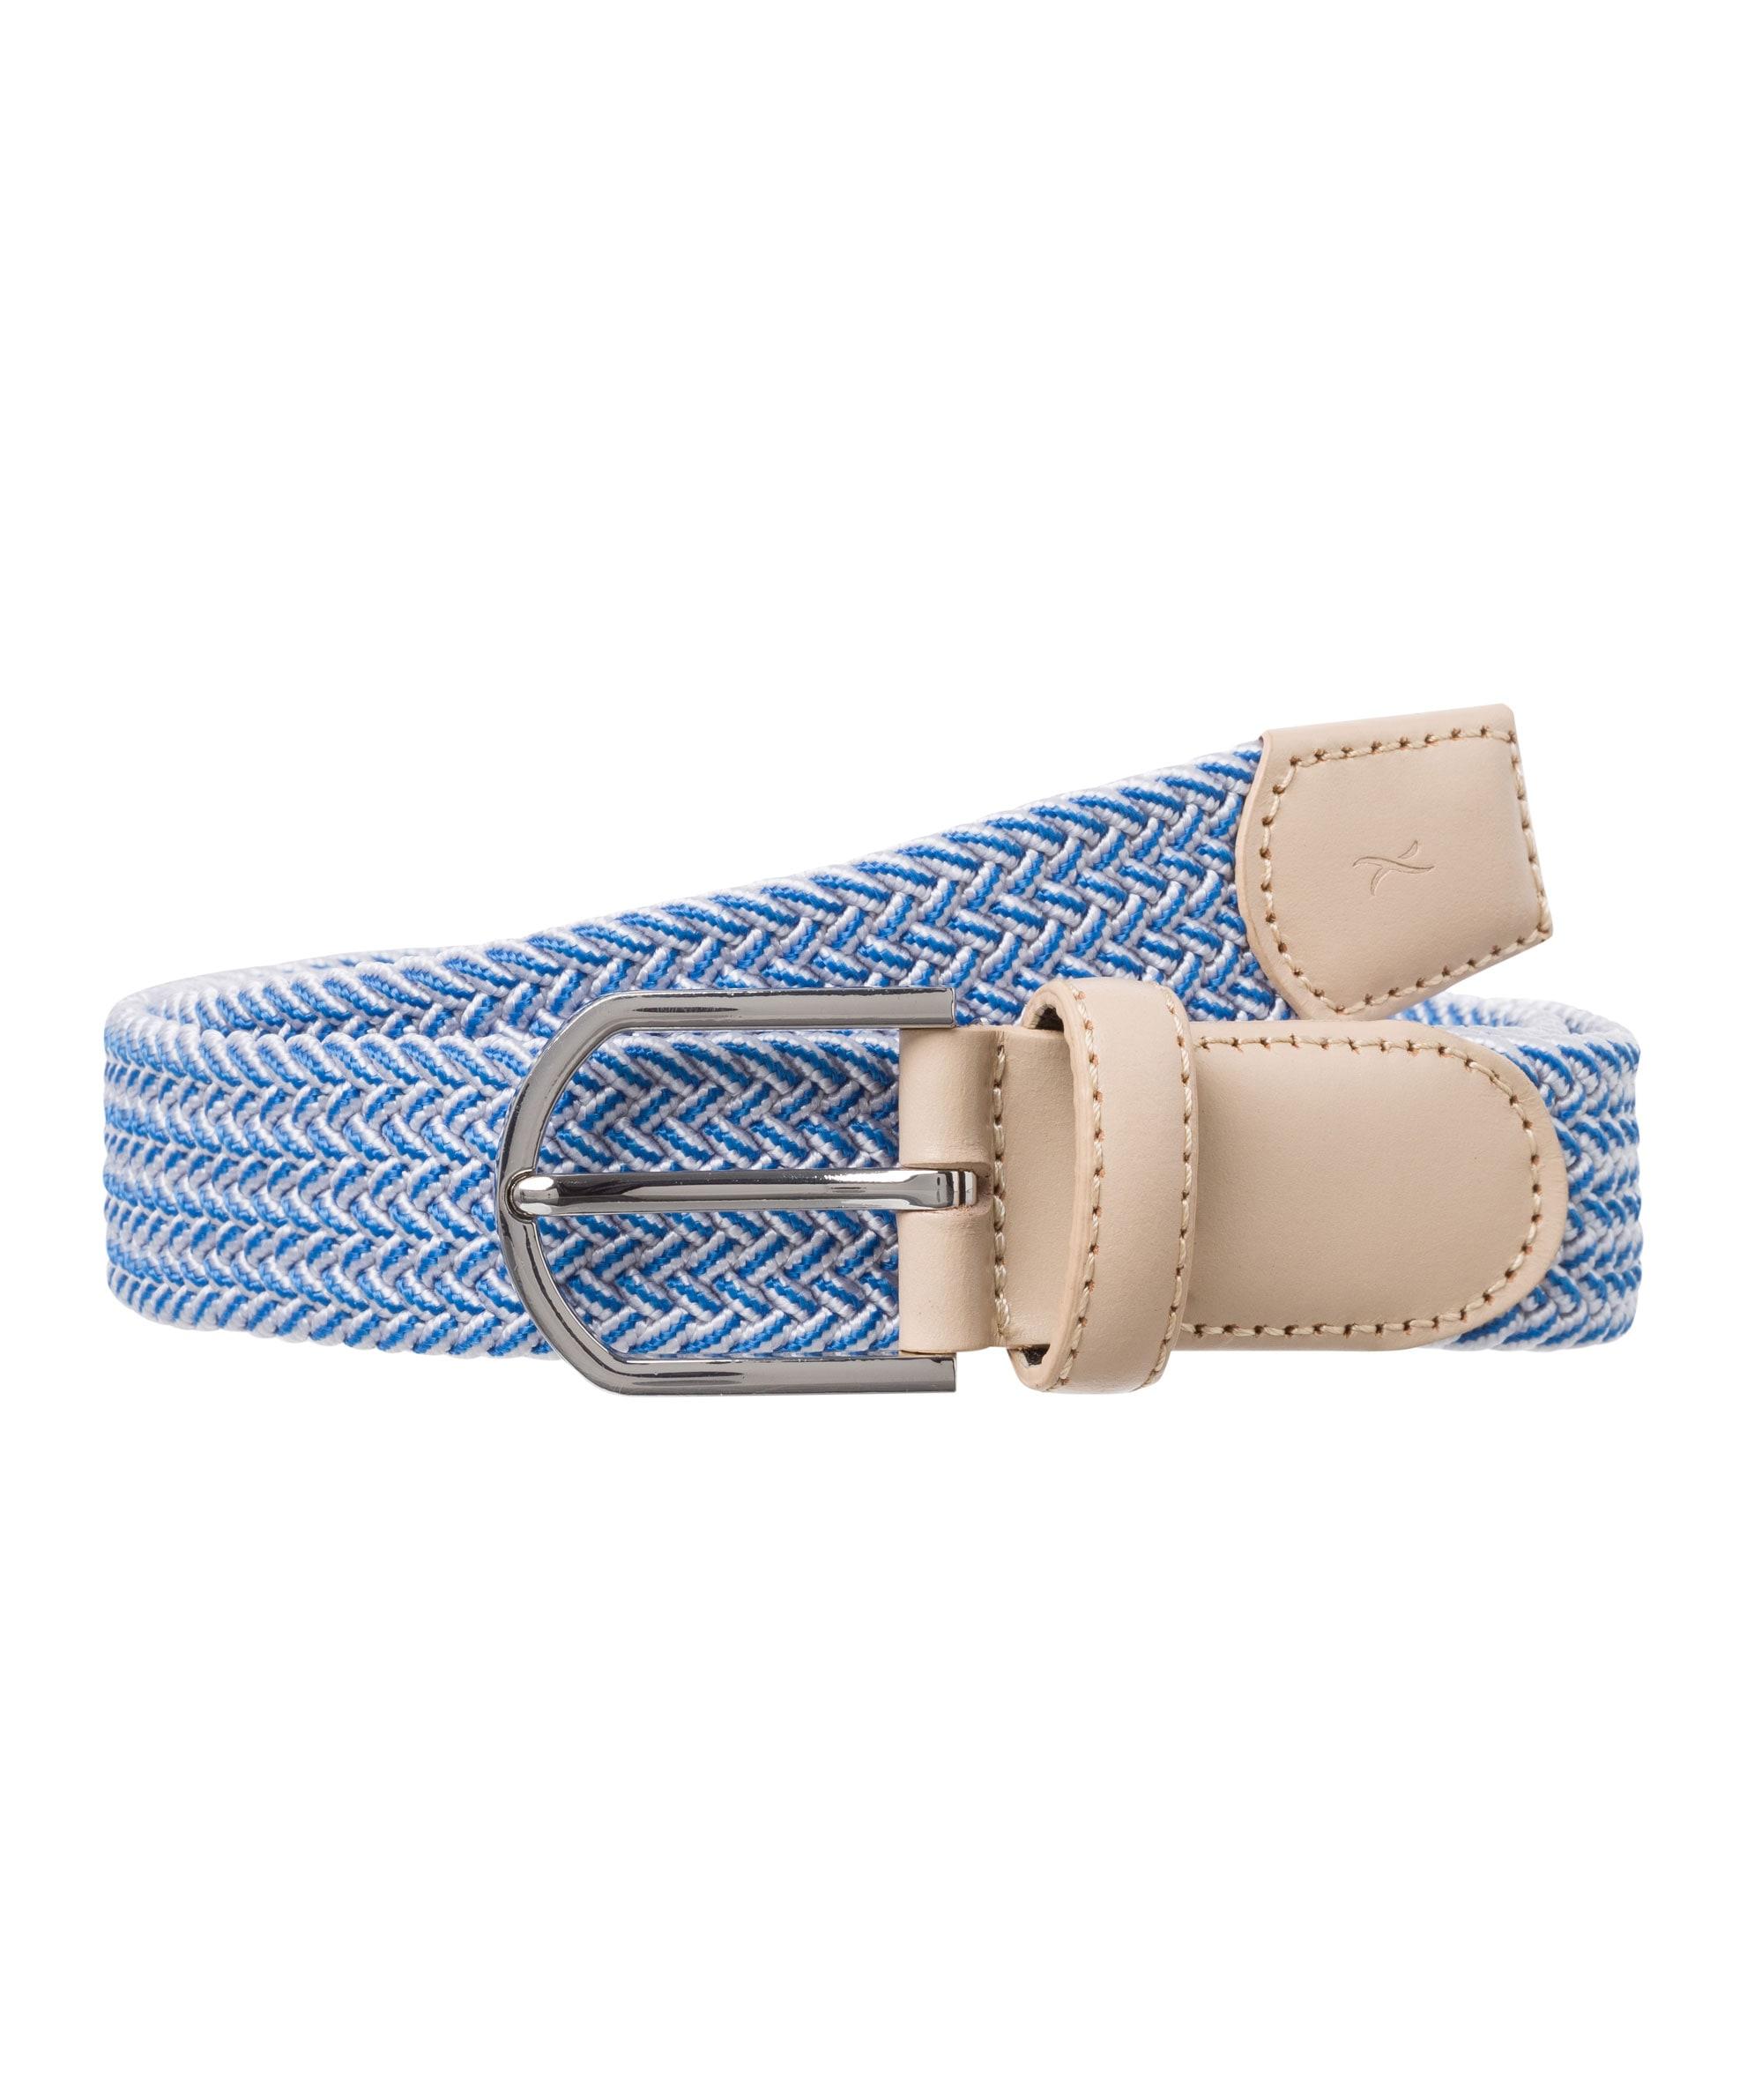 Brax Ledergürtel Style DAMENGÜRTEL blau Damen Accessoires